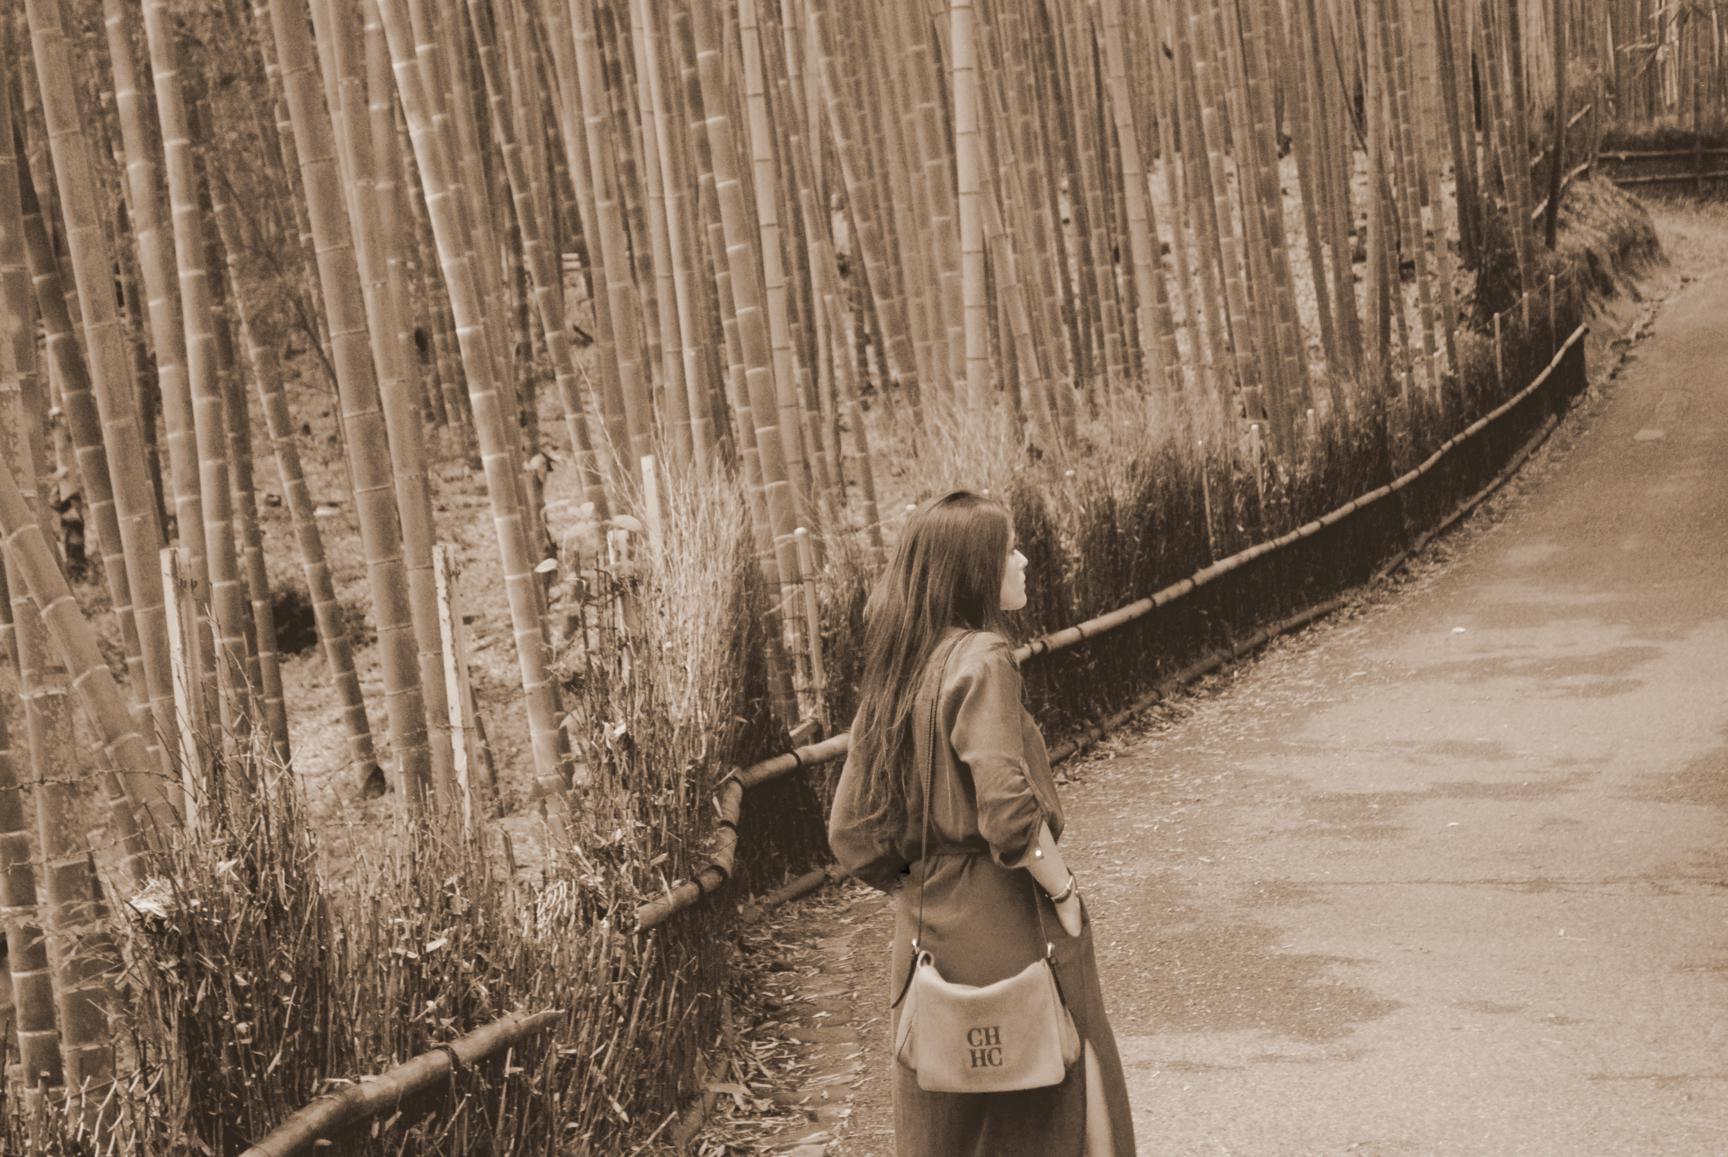 bosque-bambues-arashiyama-6